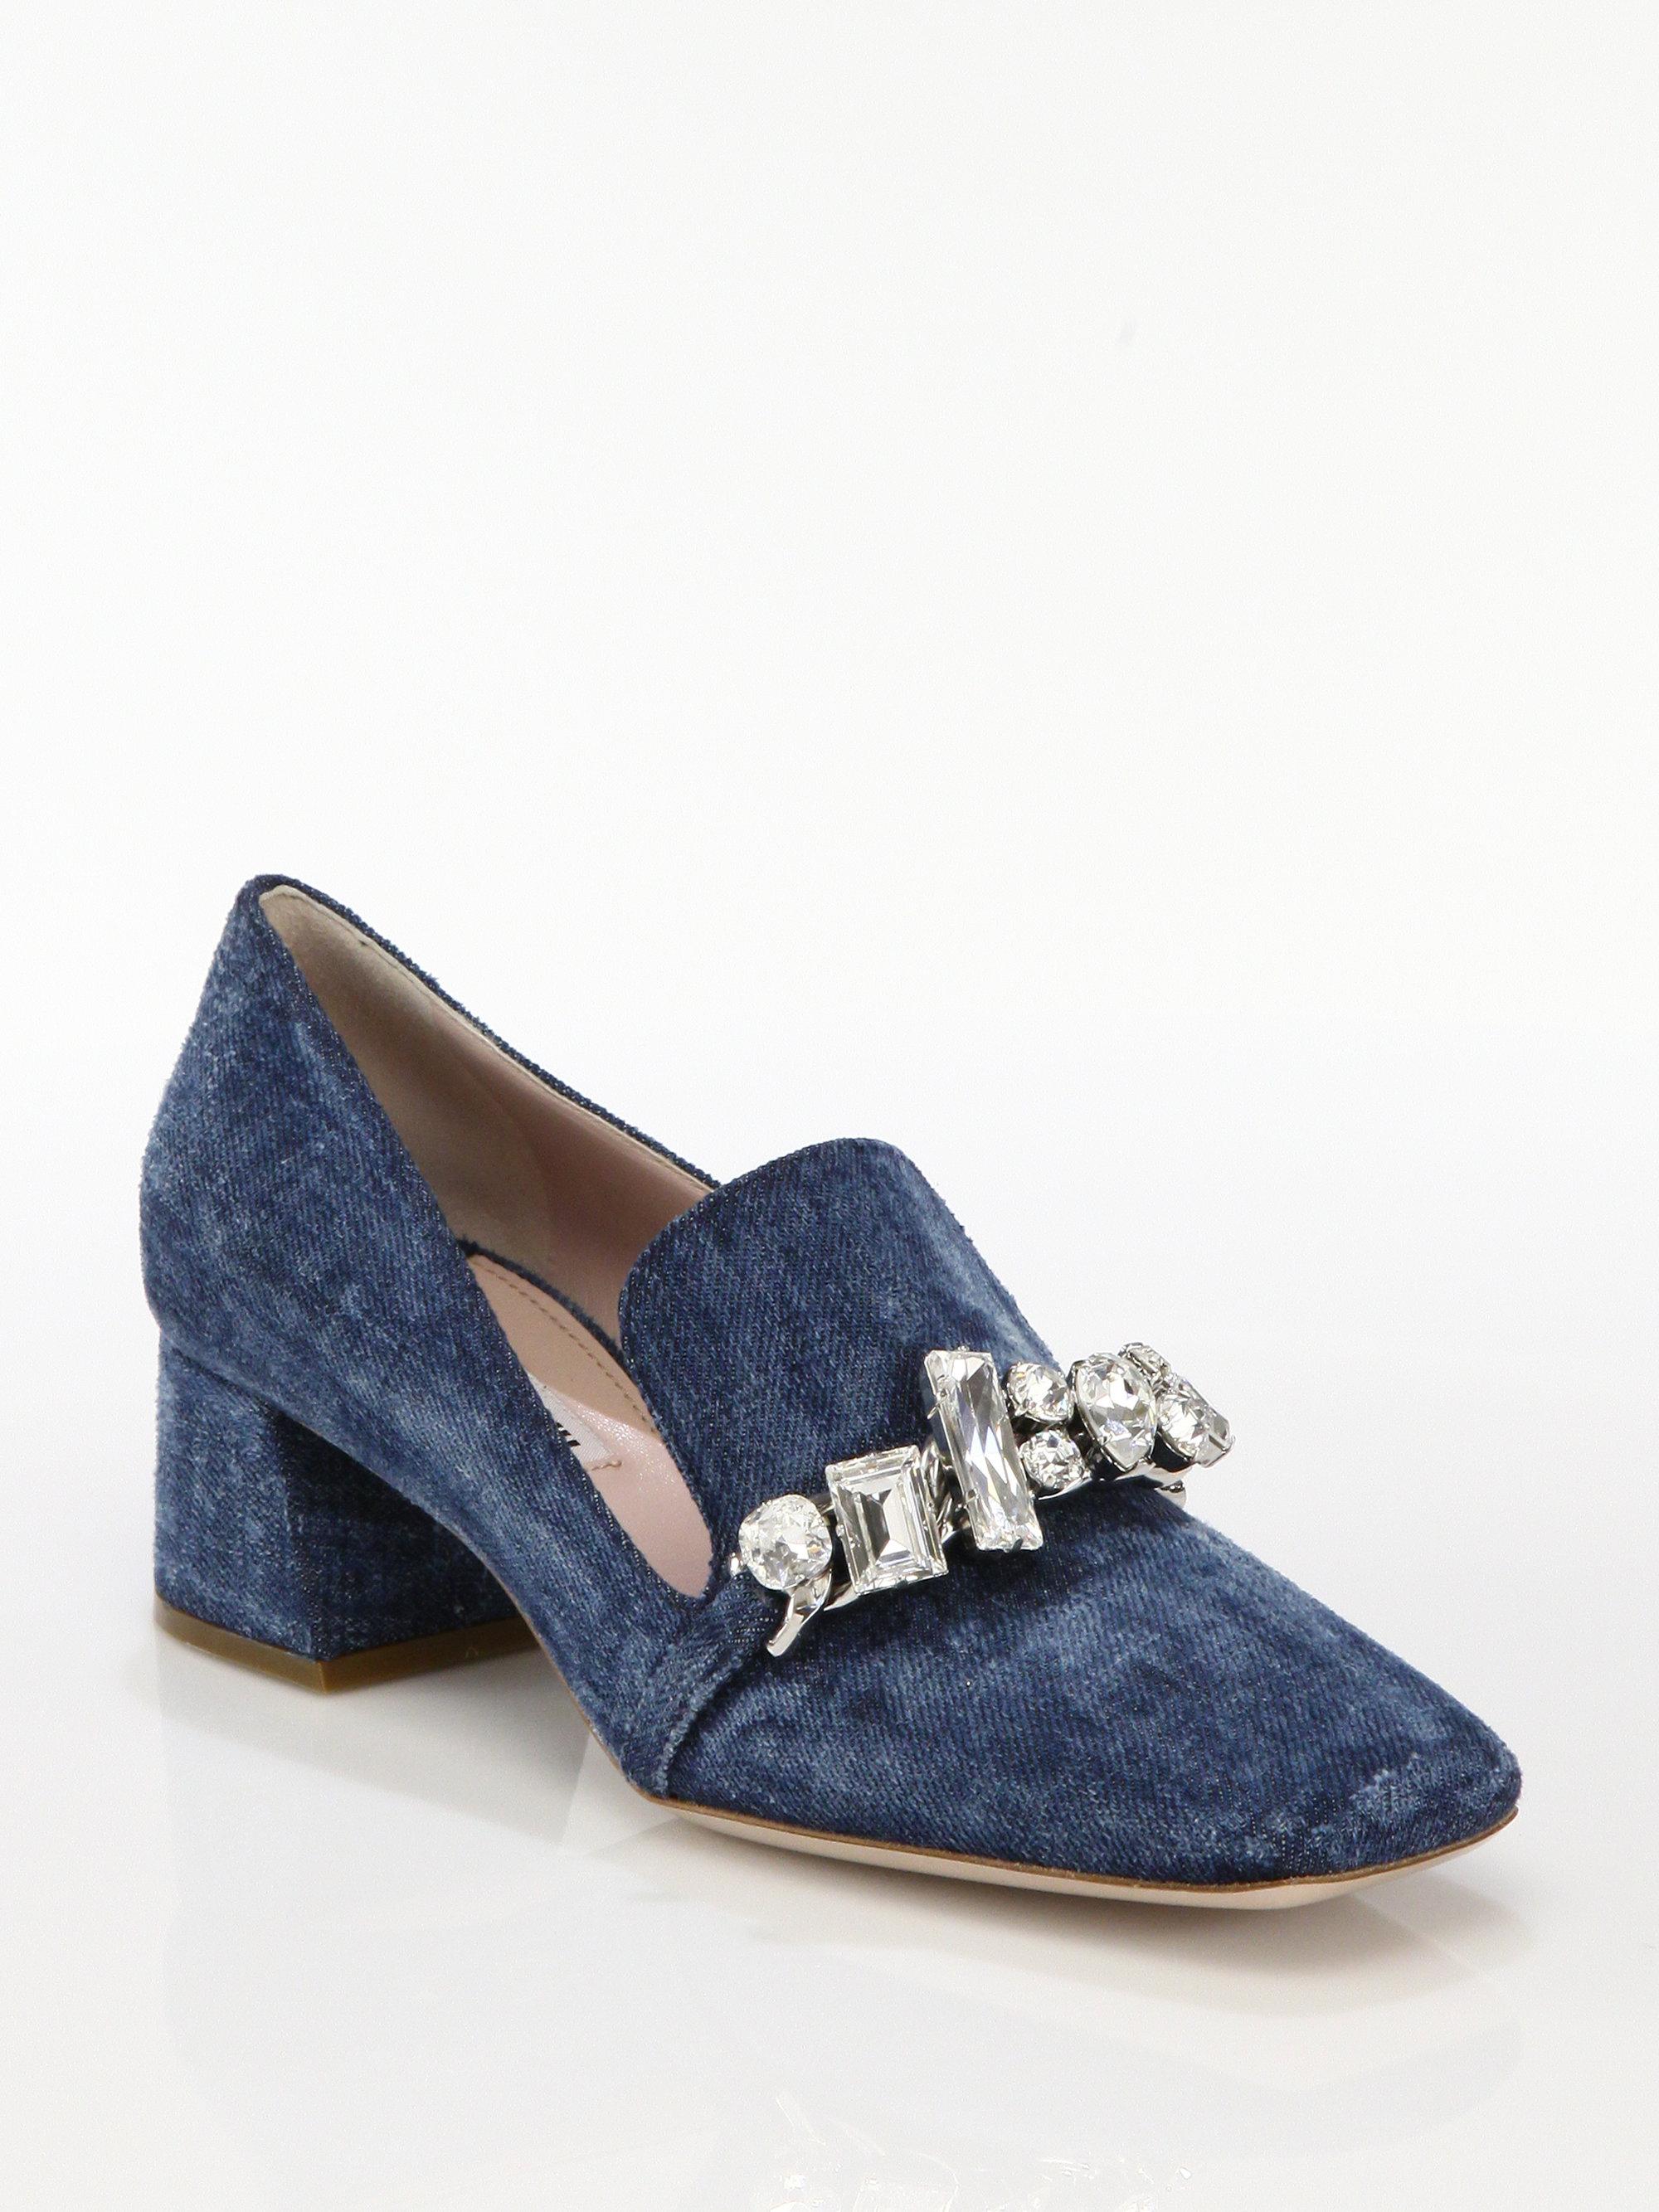 31f75e67d00 Lyst - Miu Miu Jeweled Denim Loafer Pumps in Blue